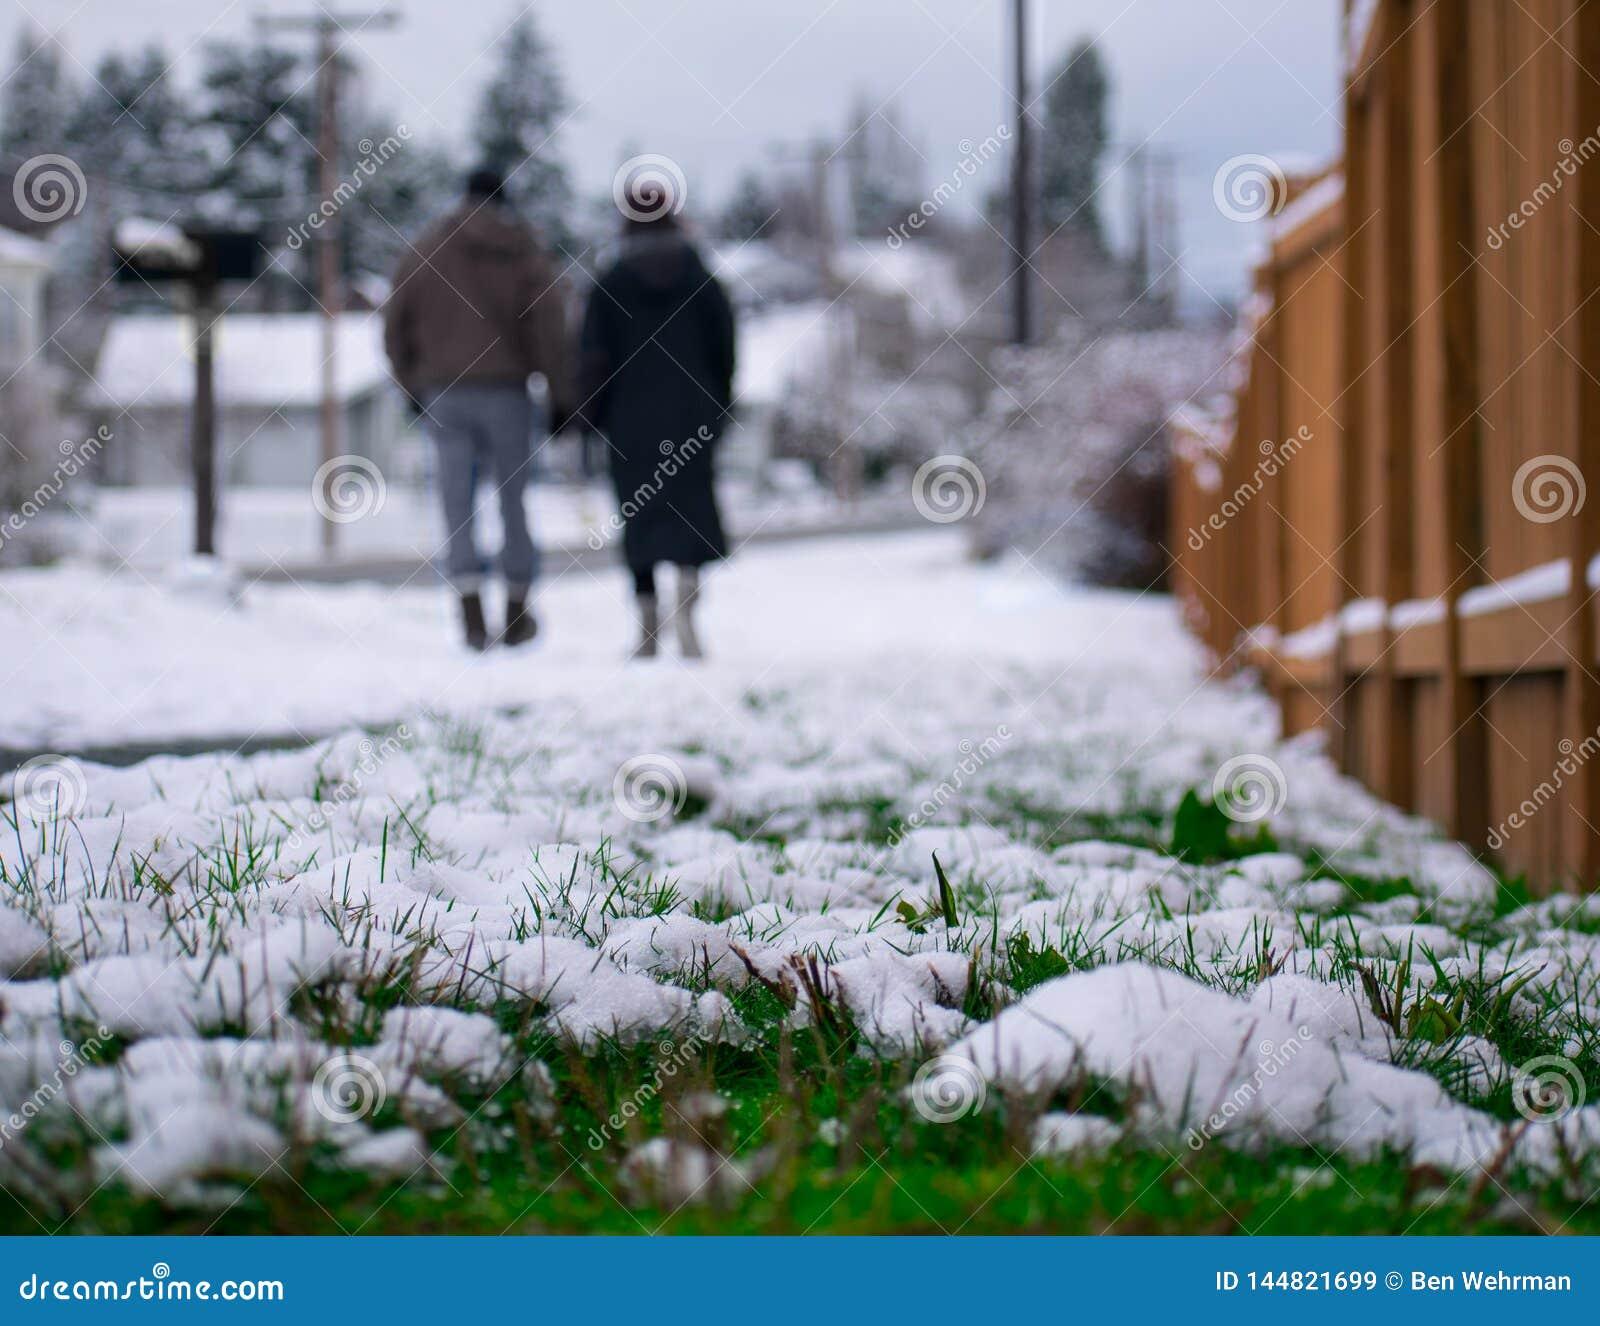 Queda de neve em uma cidade pequena